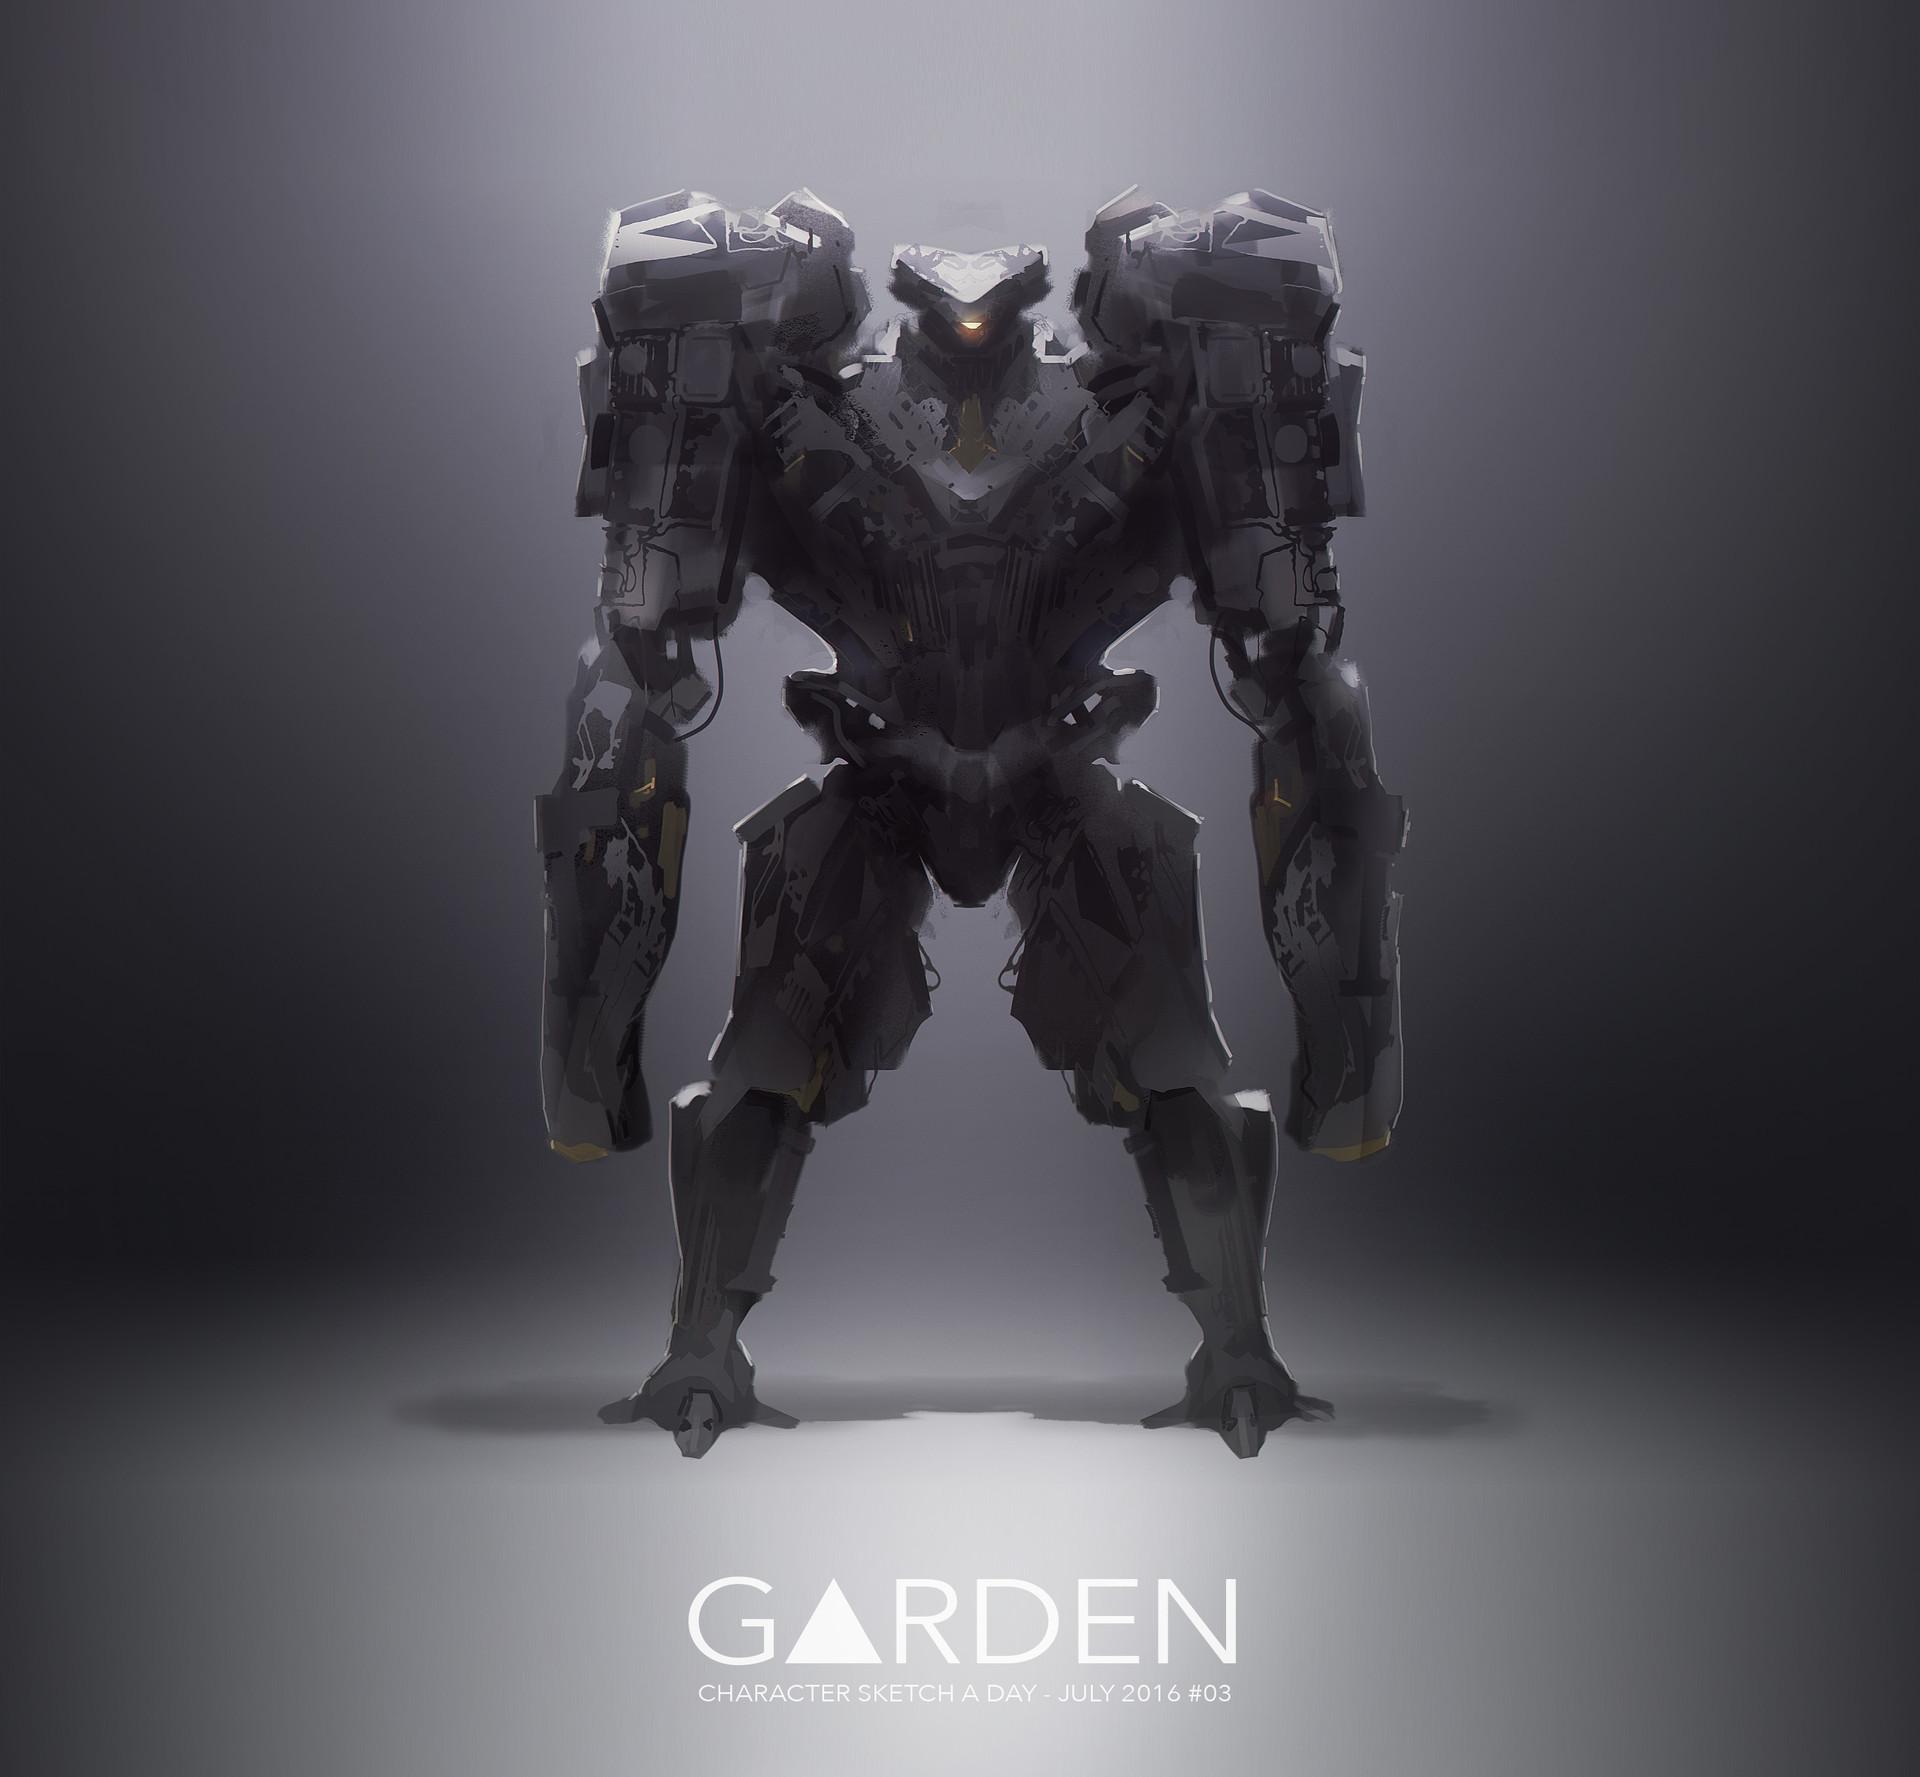 Tom garden tom garden char july 2016 03